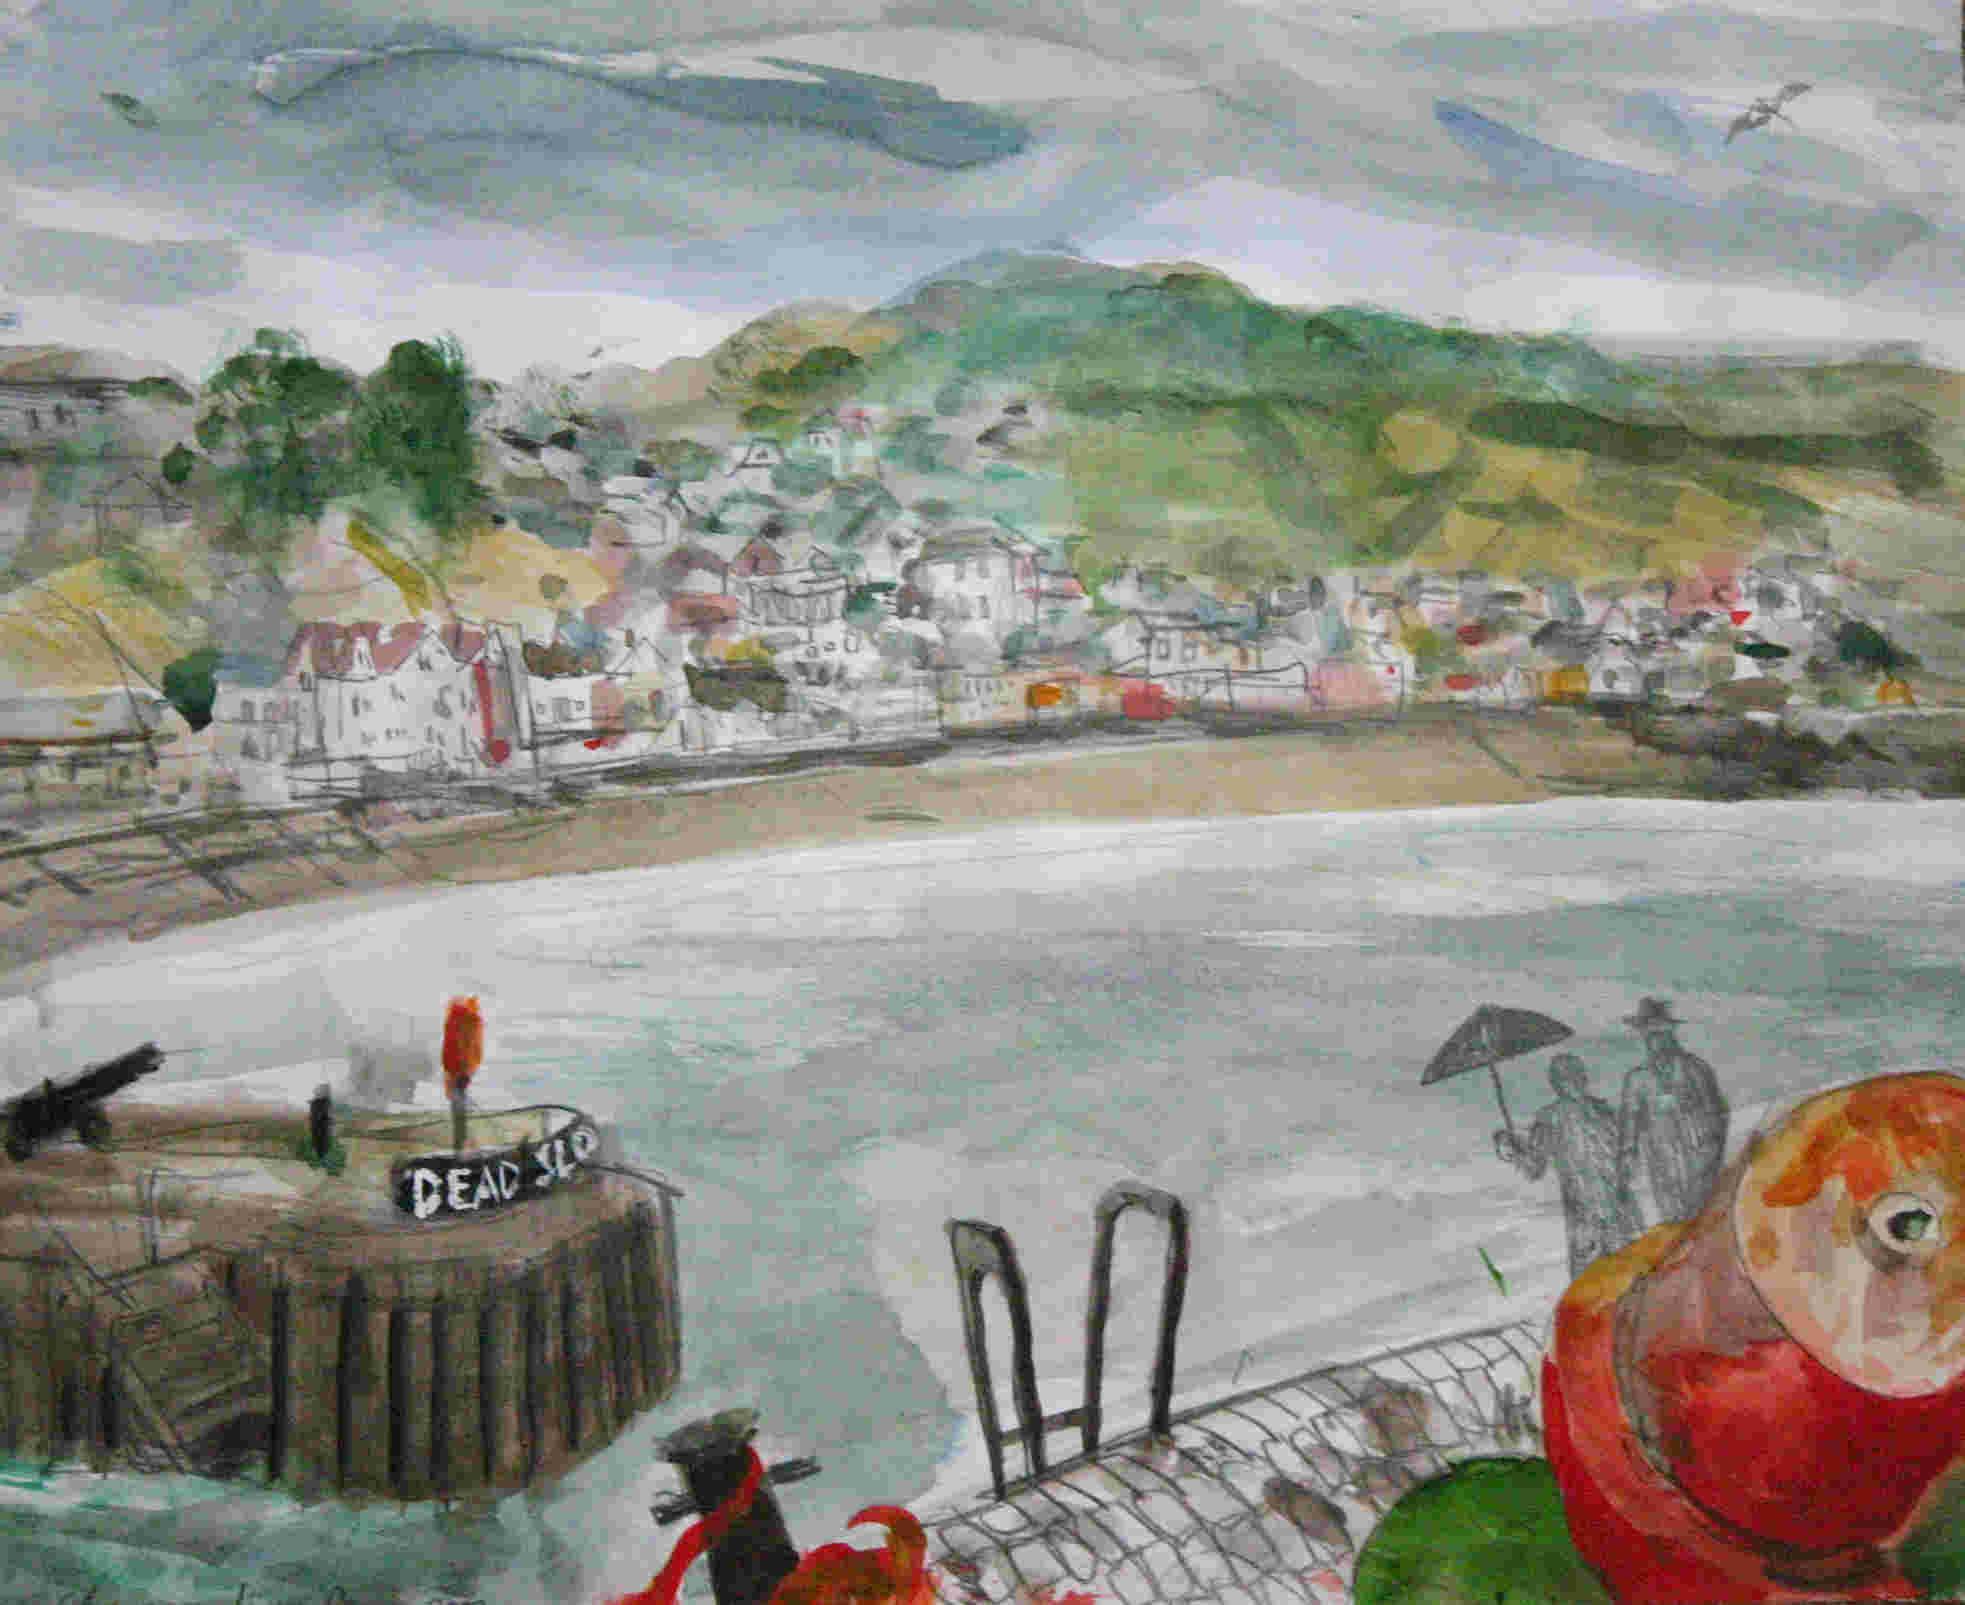 Dead Slow Lyme Regis